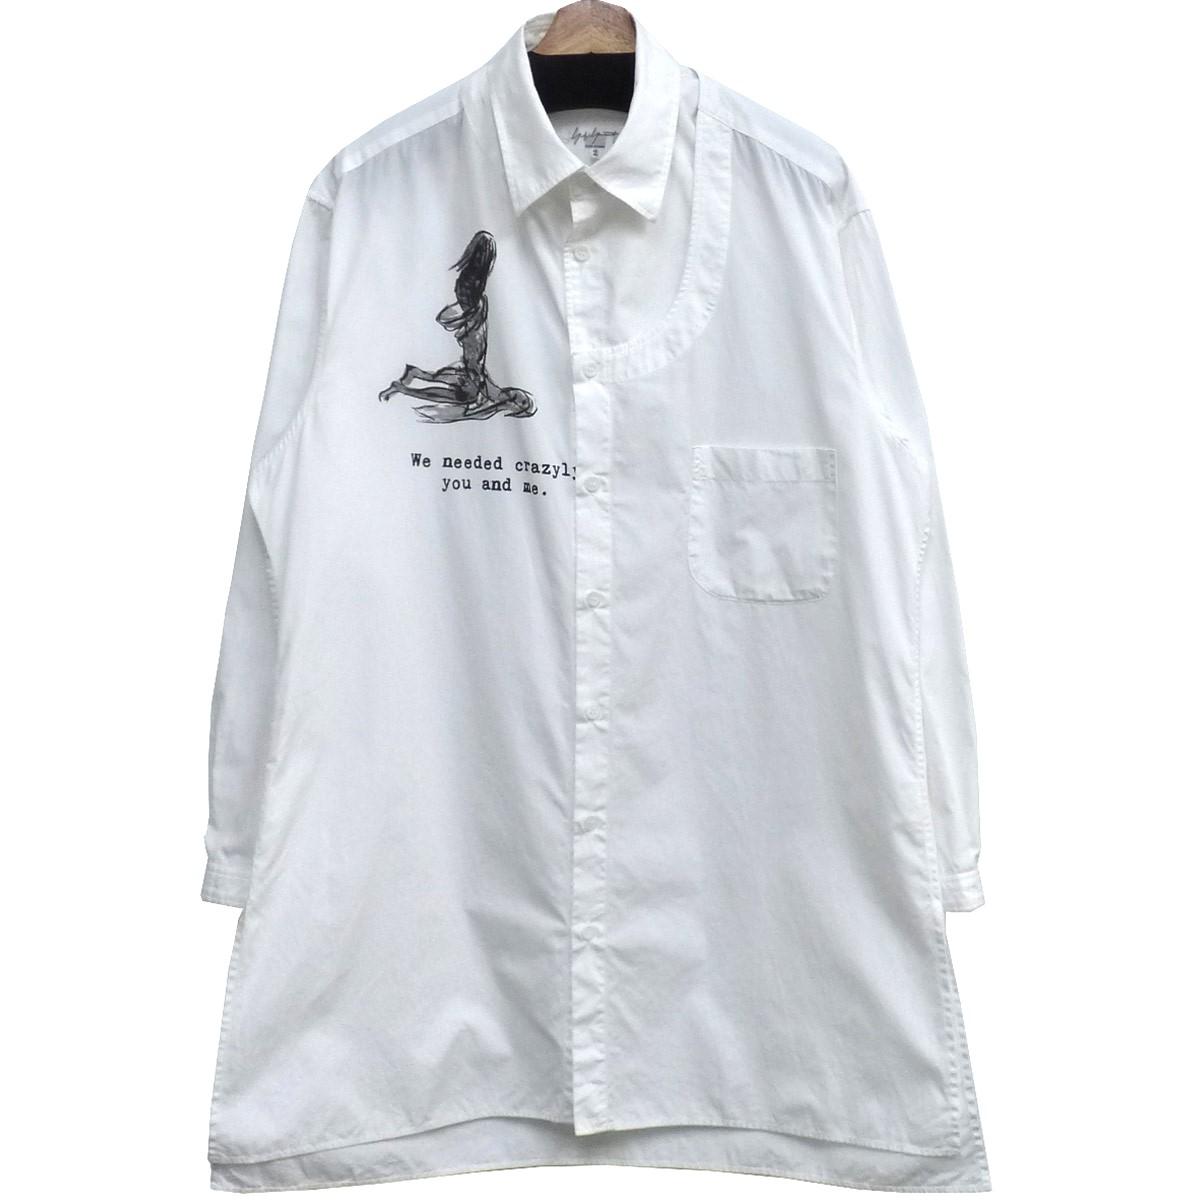 【中古】YOHJI YAMAMOTO pour homme 19SSカラーアタッチメントオーバーサイズシャツ ホワイト サイズ:2 【110819】(ヨウジヤマモトプールオム)